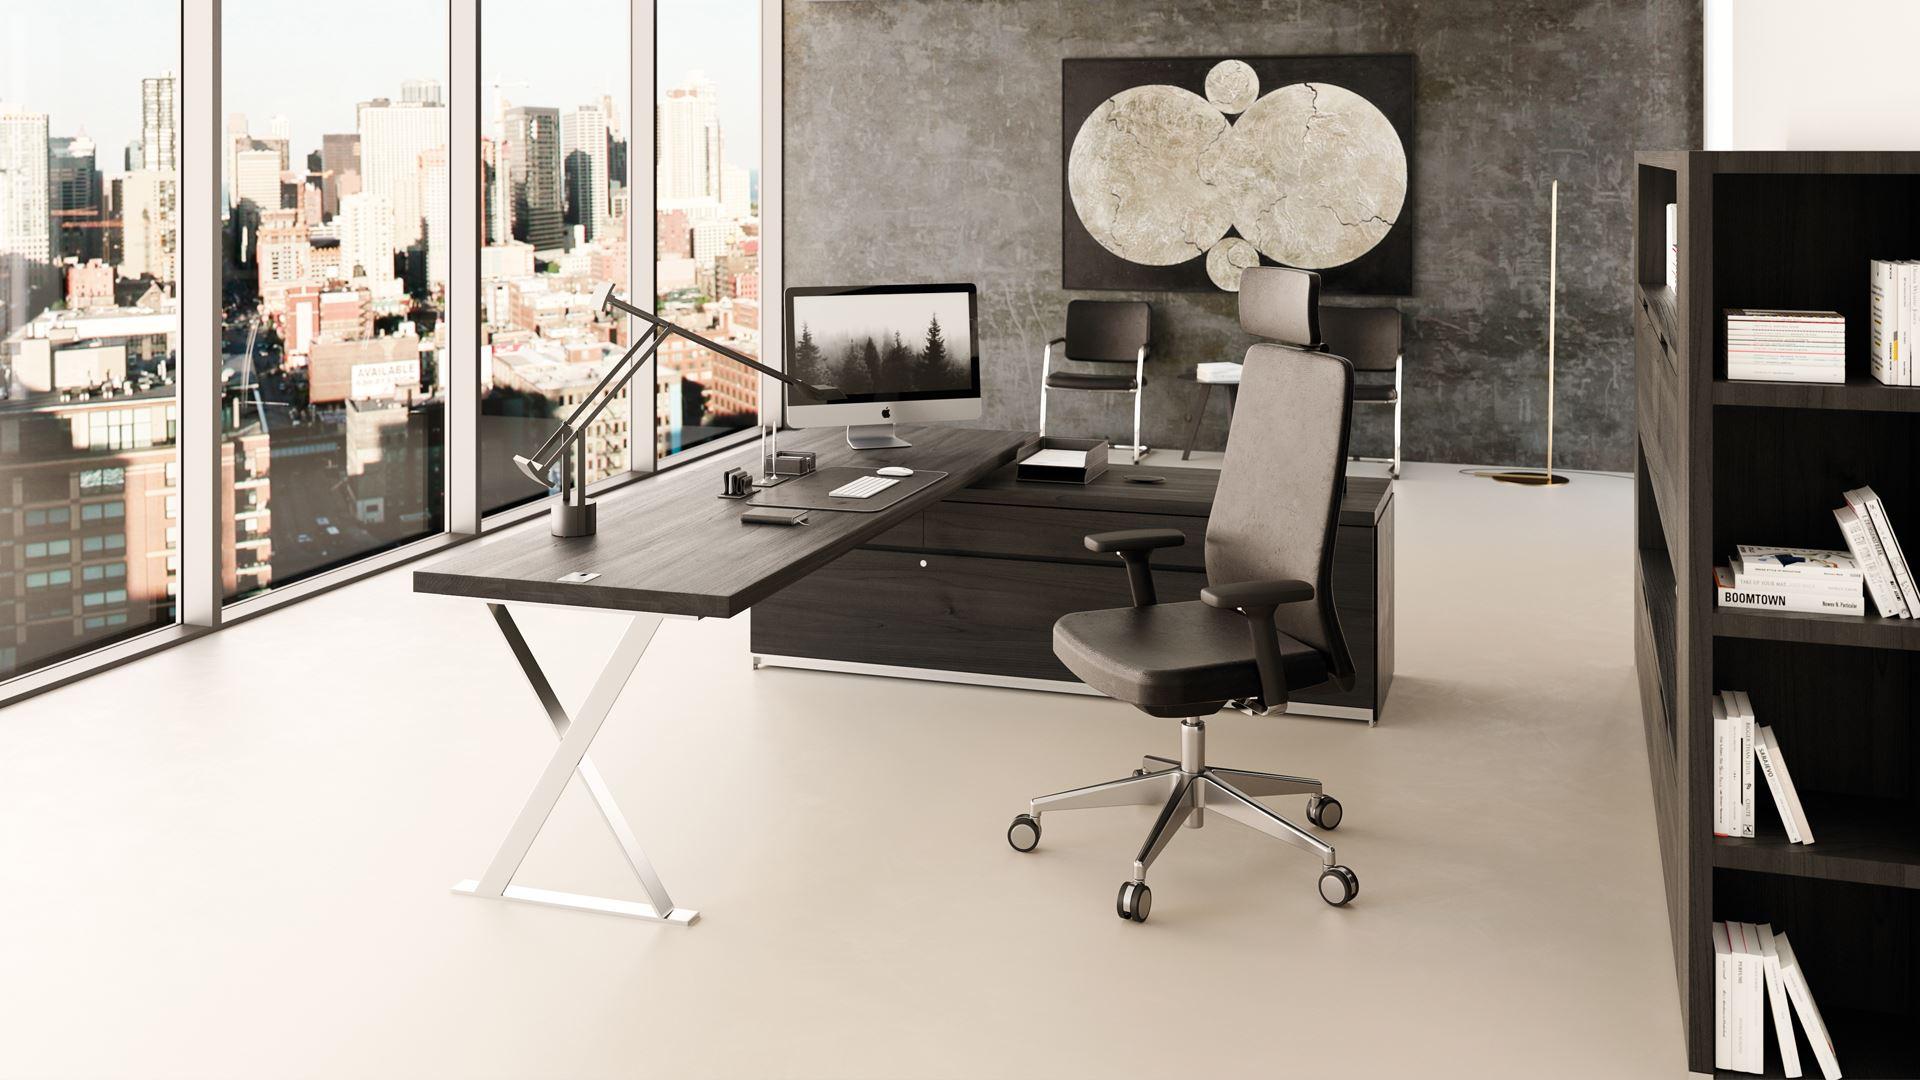 Liz la seduta innovativa, ergonomica e dal rivestimento personalizzabile